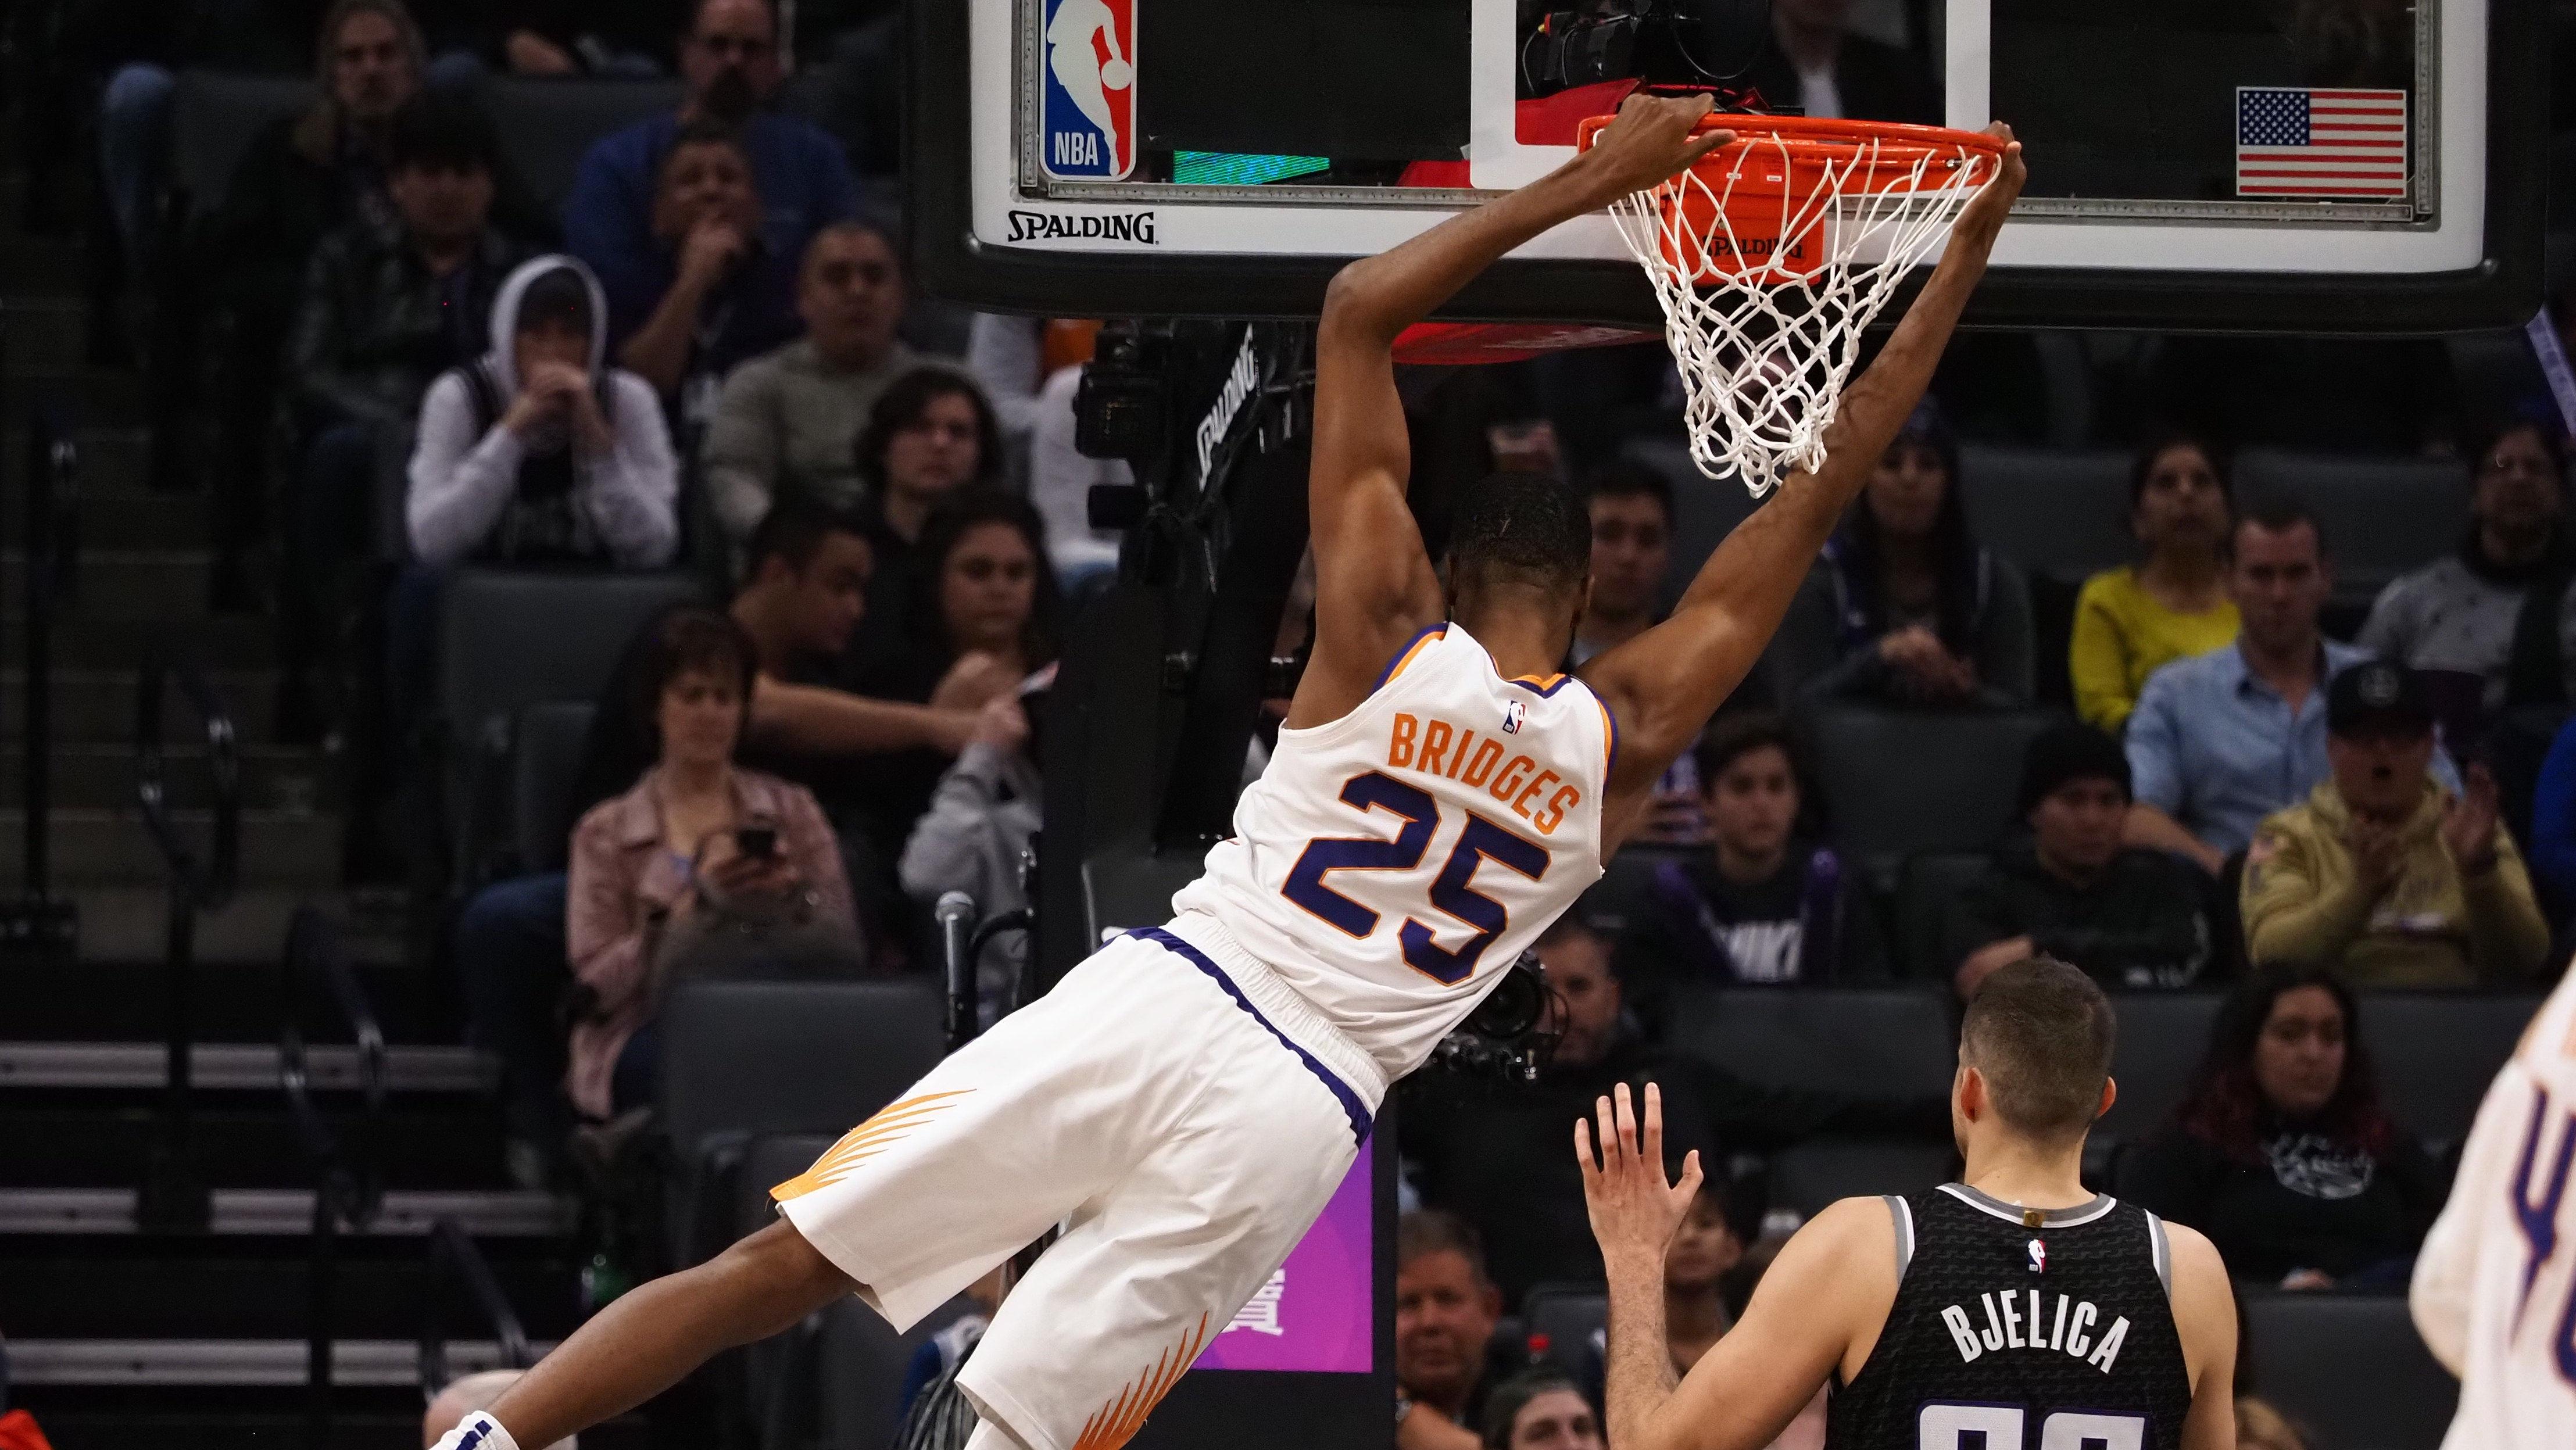 【球星】布克vs国王集锦 砍下32分10助攻命中多个关键球_NBA全场集锦